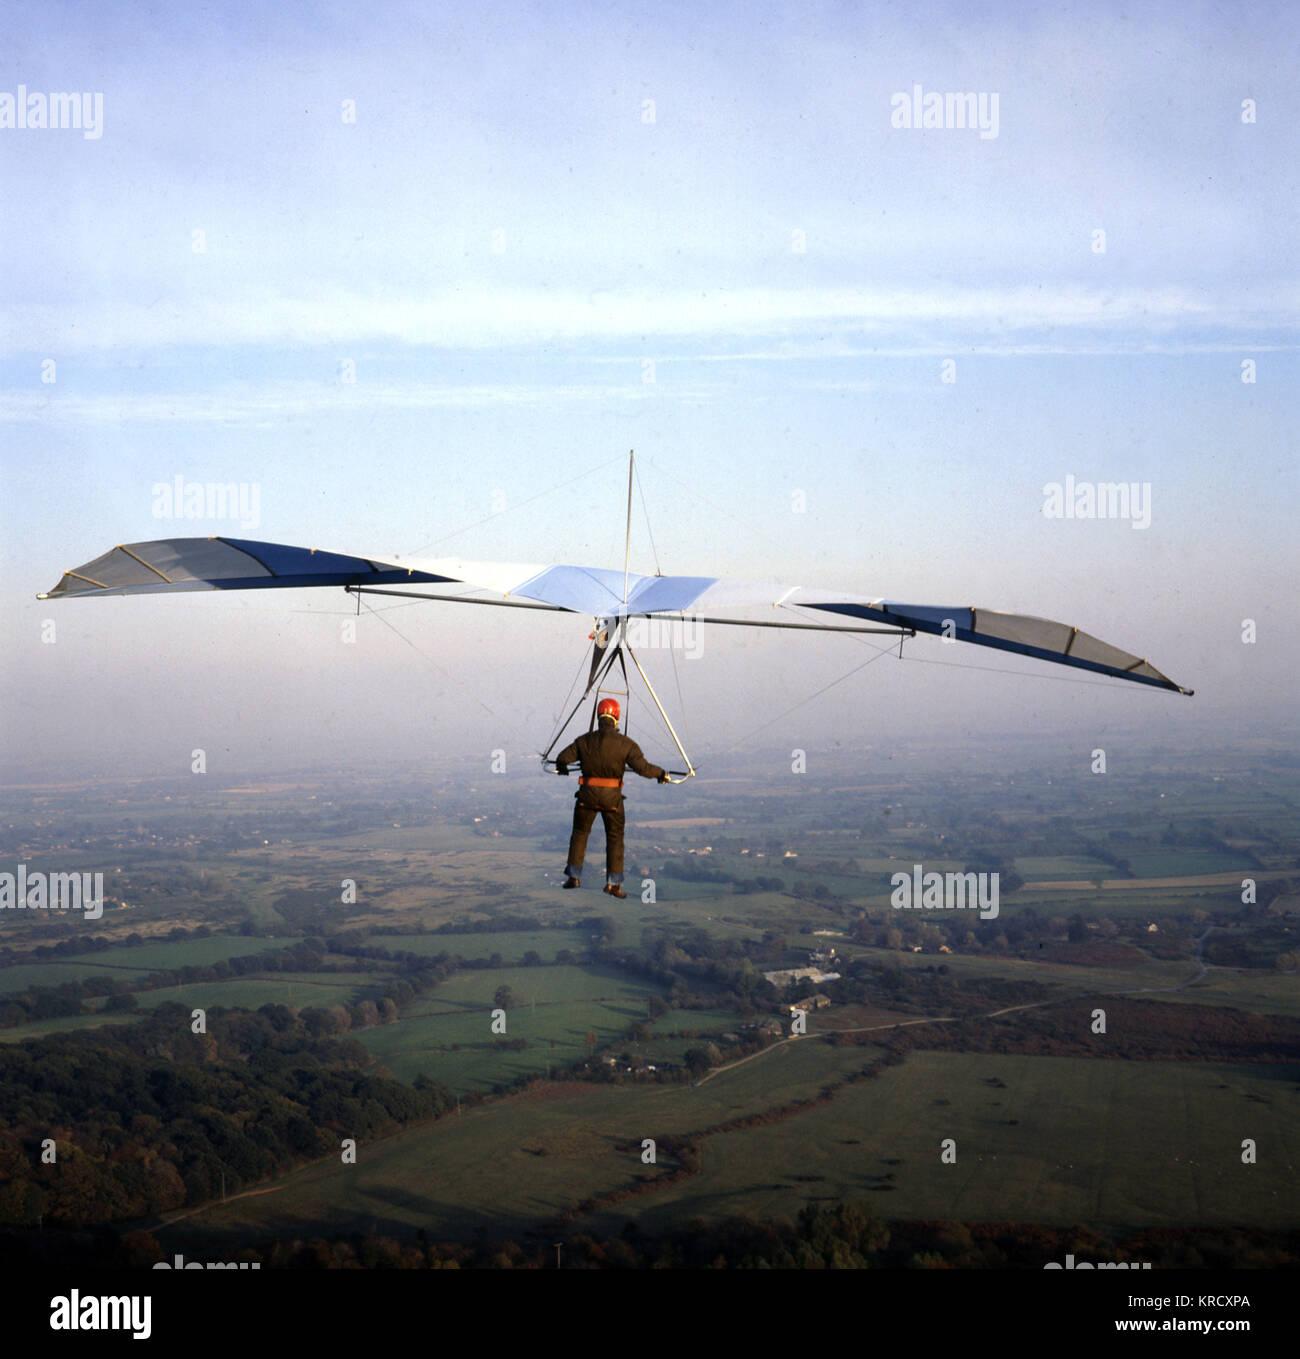 Drachenfliegen über die britische Landschaft. Datum: 1960 Stockbild